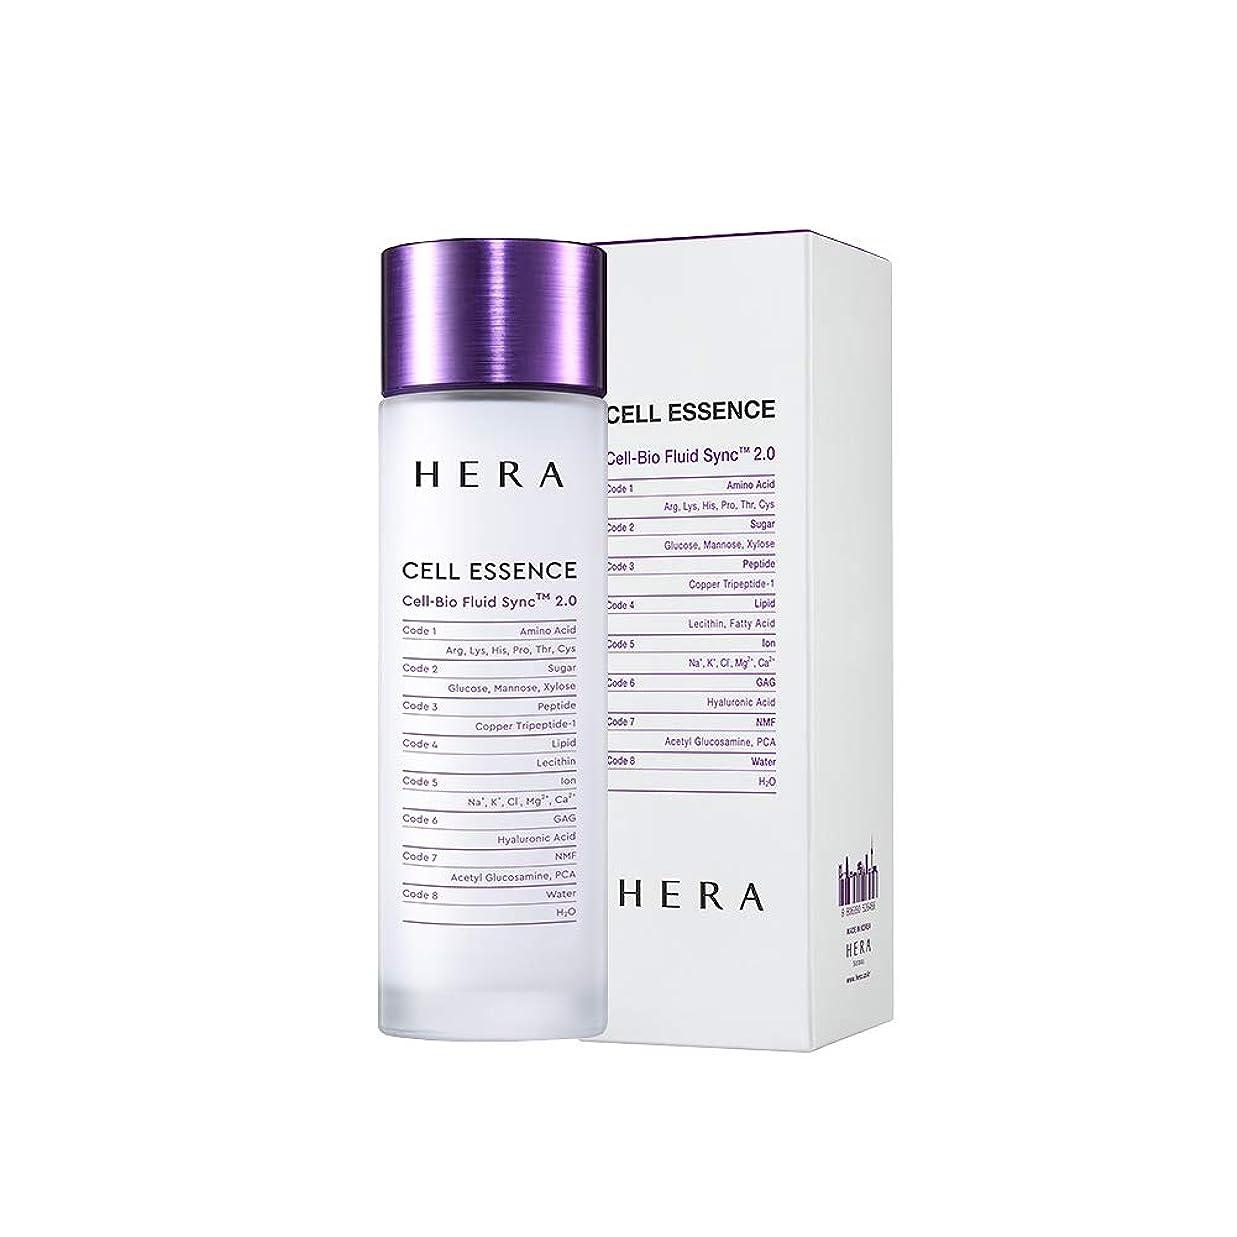 長方形先入観真鍮【HERA公式】ヘラ セル エッセンス 150mL/HERA Cell Essence 150ML